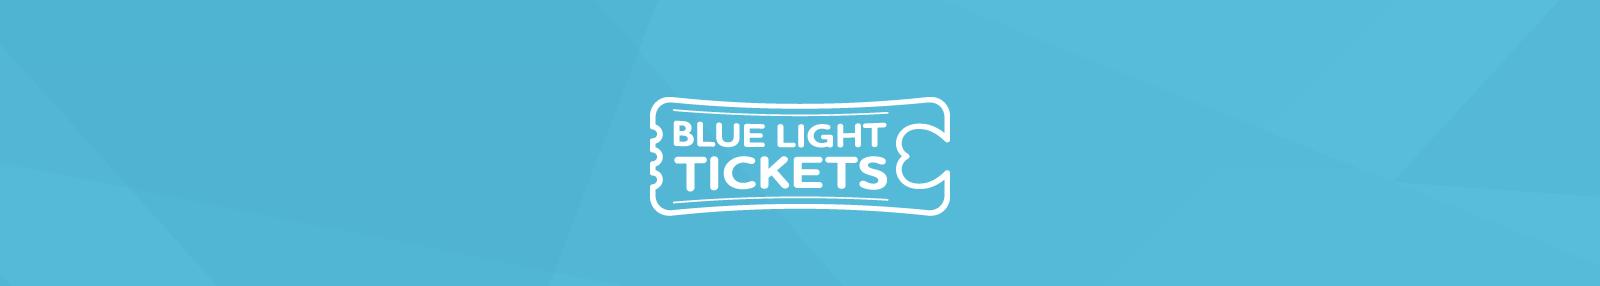 Blue Light Tickets Header